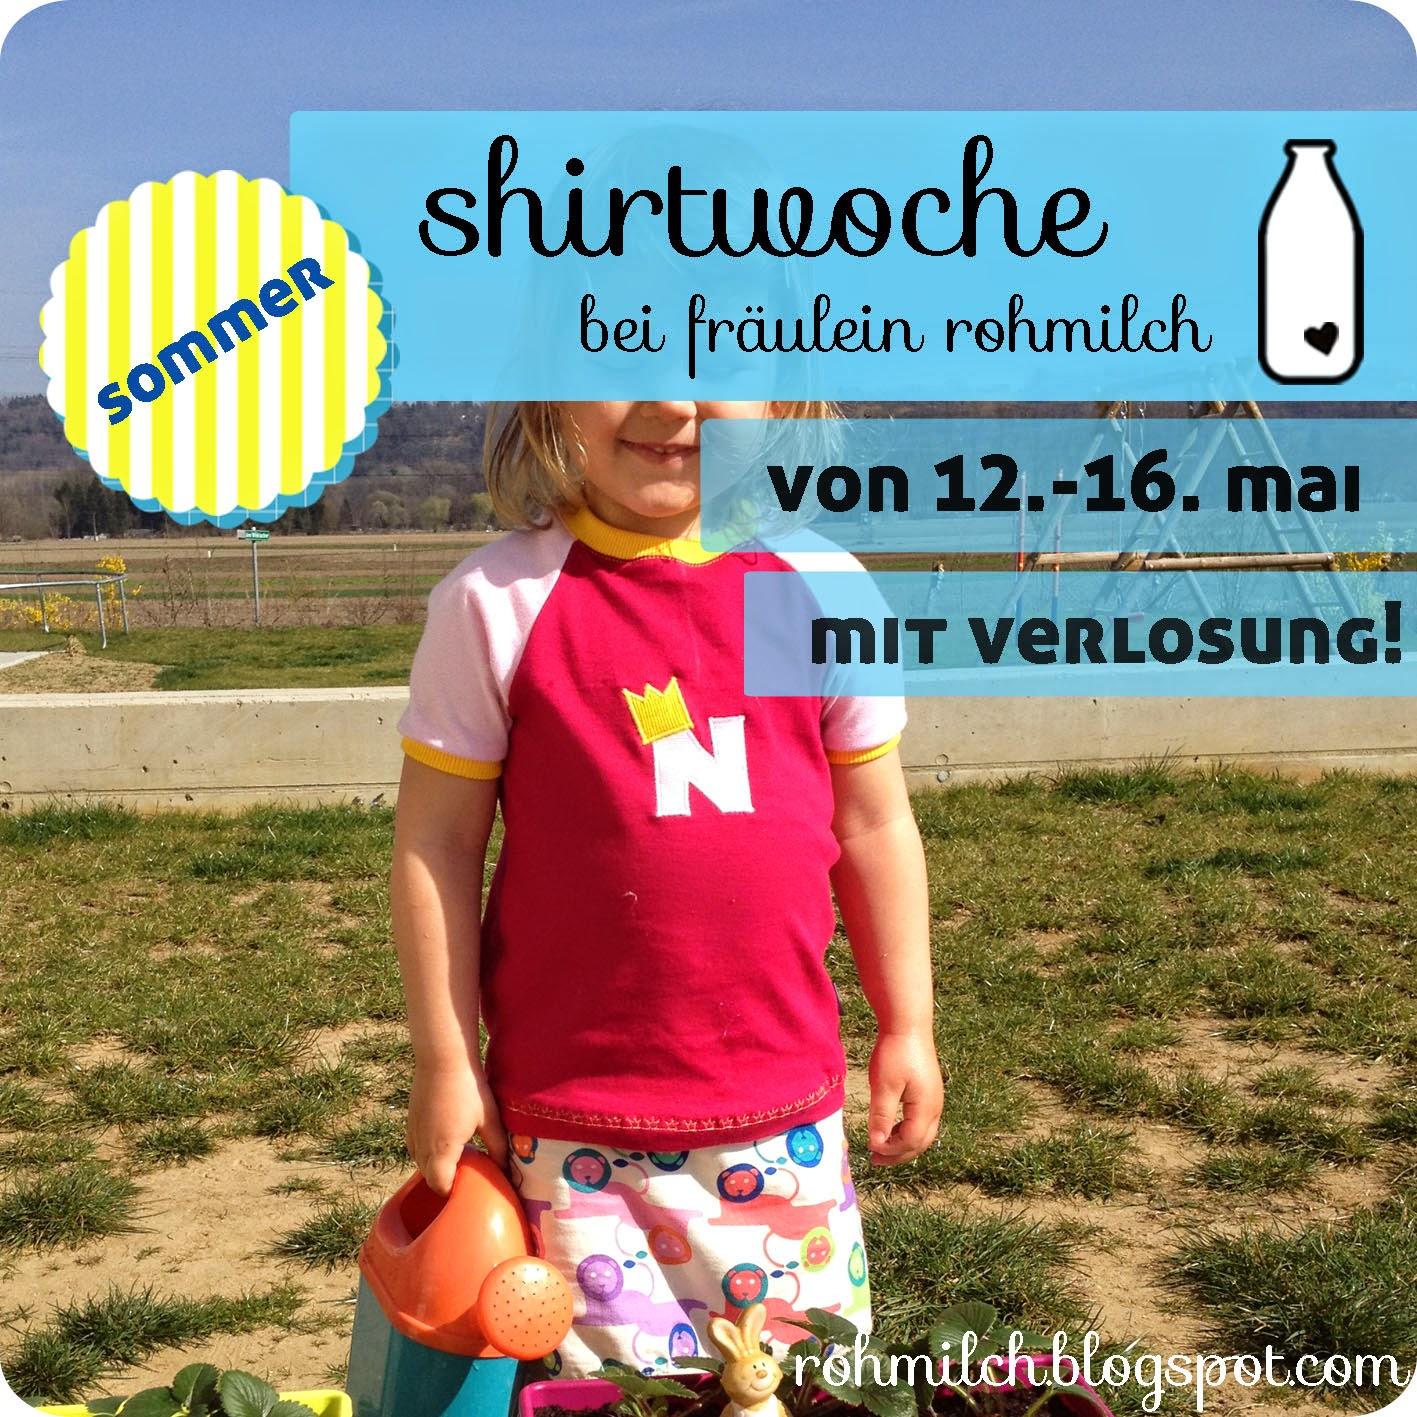 http://rohmilch.blogspot.co.at/2014/04/macht-euch-bereit-bald-gibts-die-sommer.html